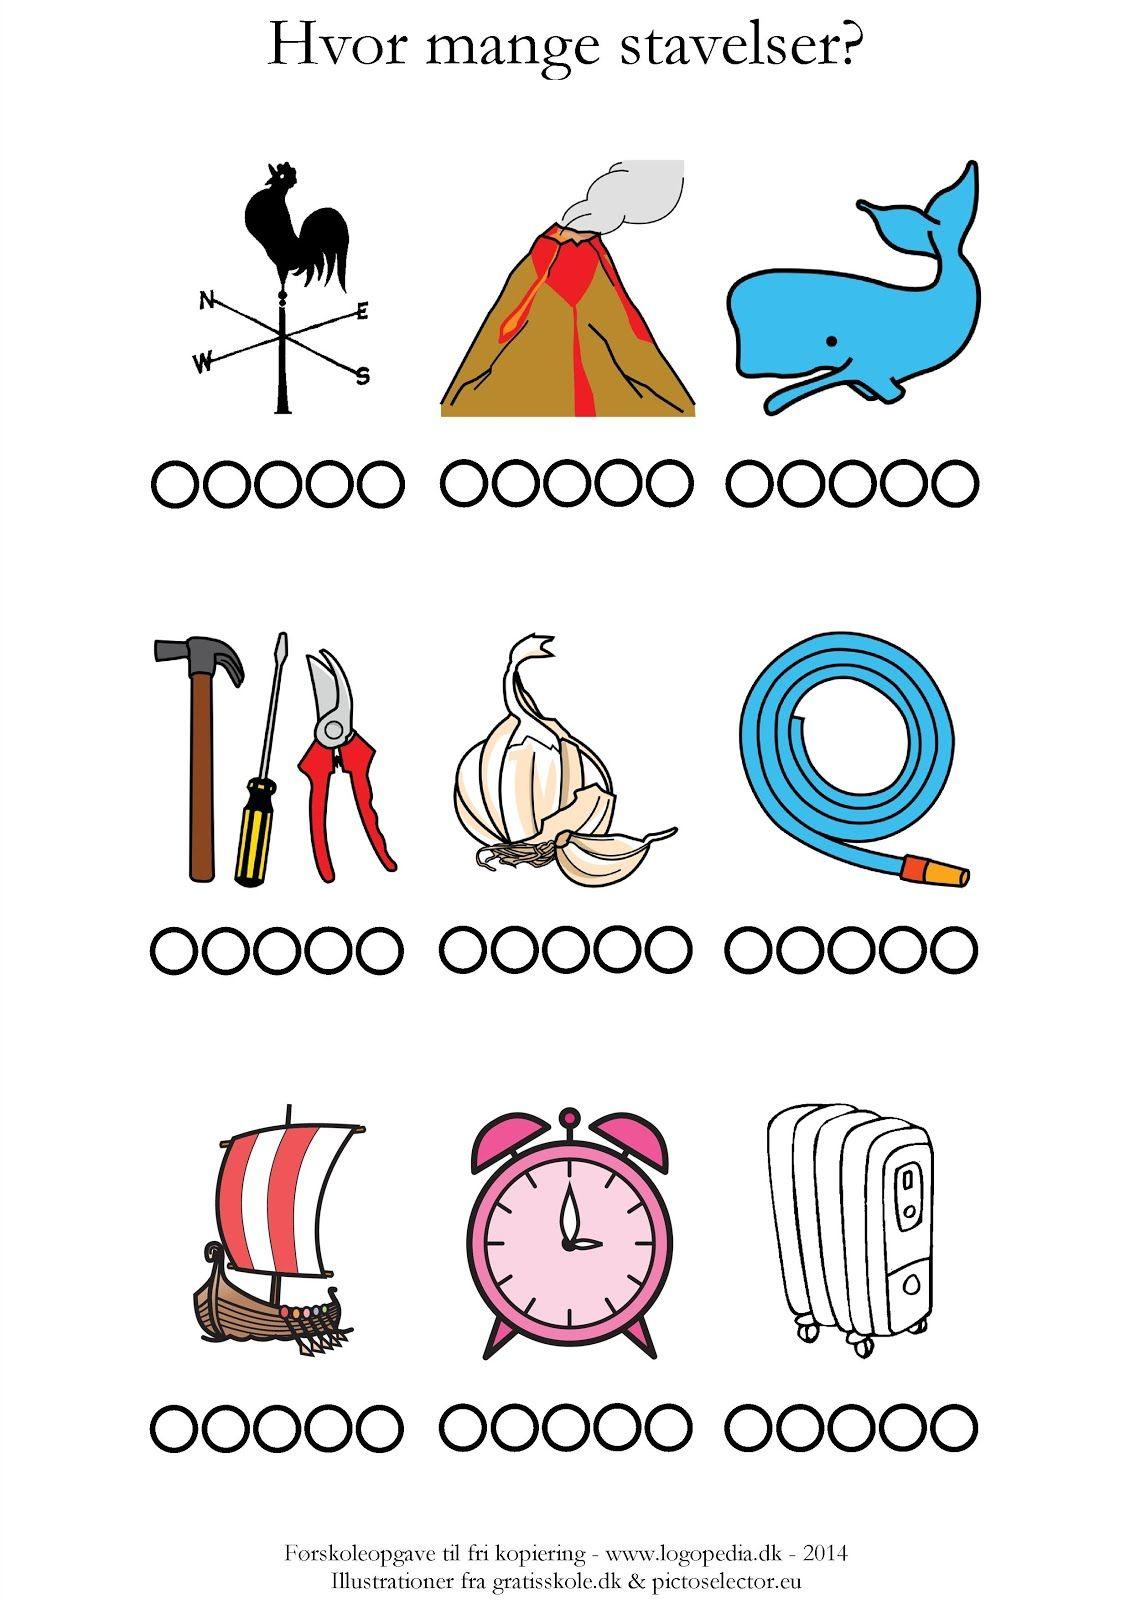 Hvor mange stavelser er der? /v | Dansk | Pinterest | Education, Teaching og School